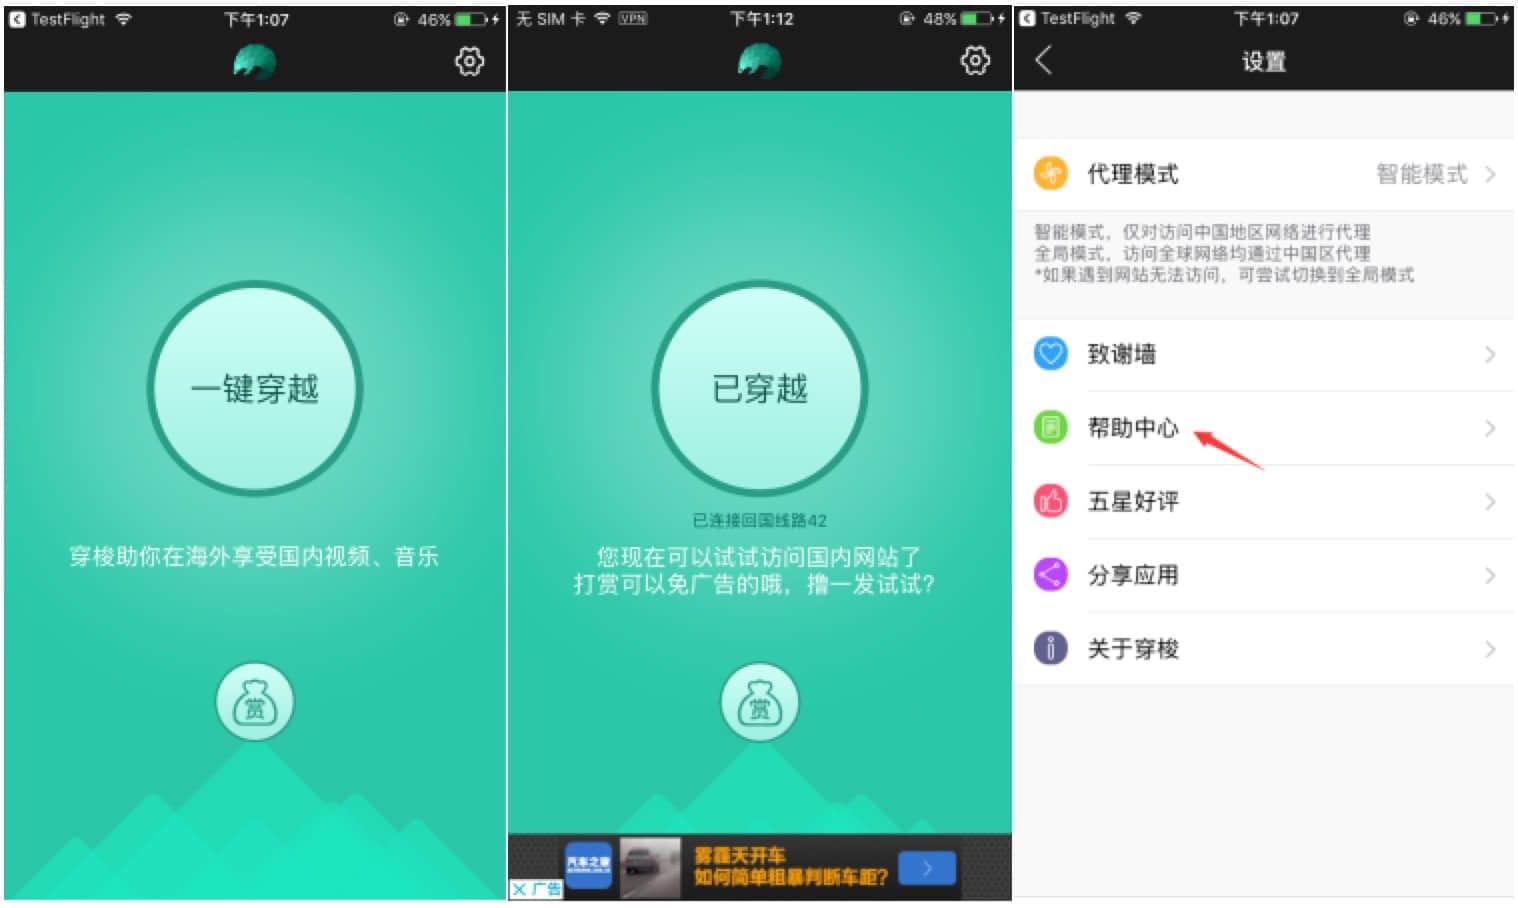 穿梭Transocks:帮助海外华人访问国内版权限制应用